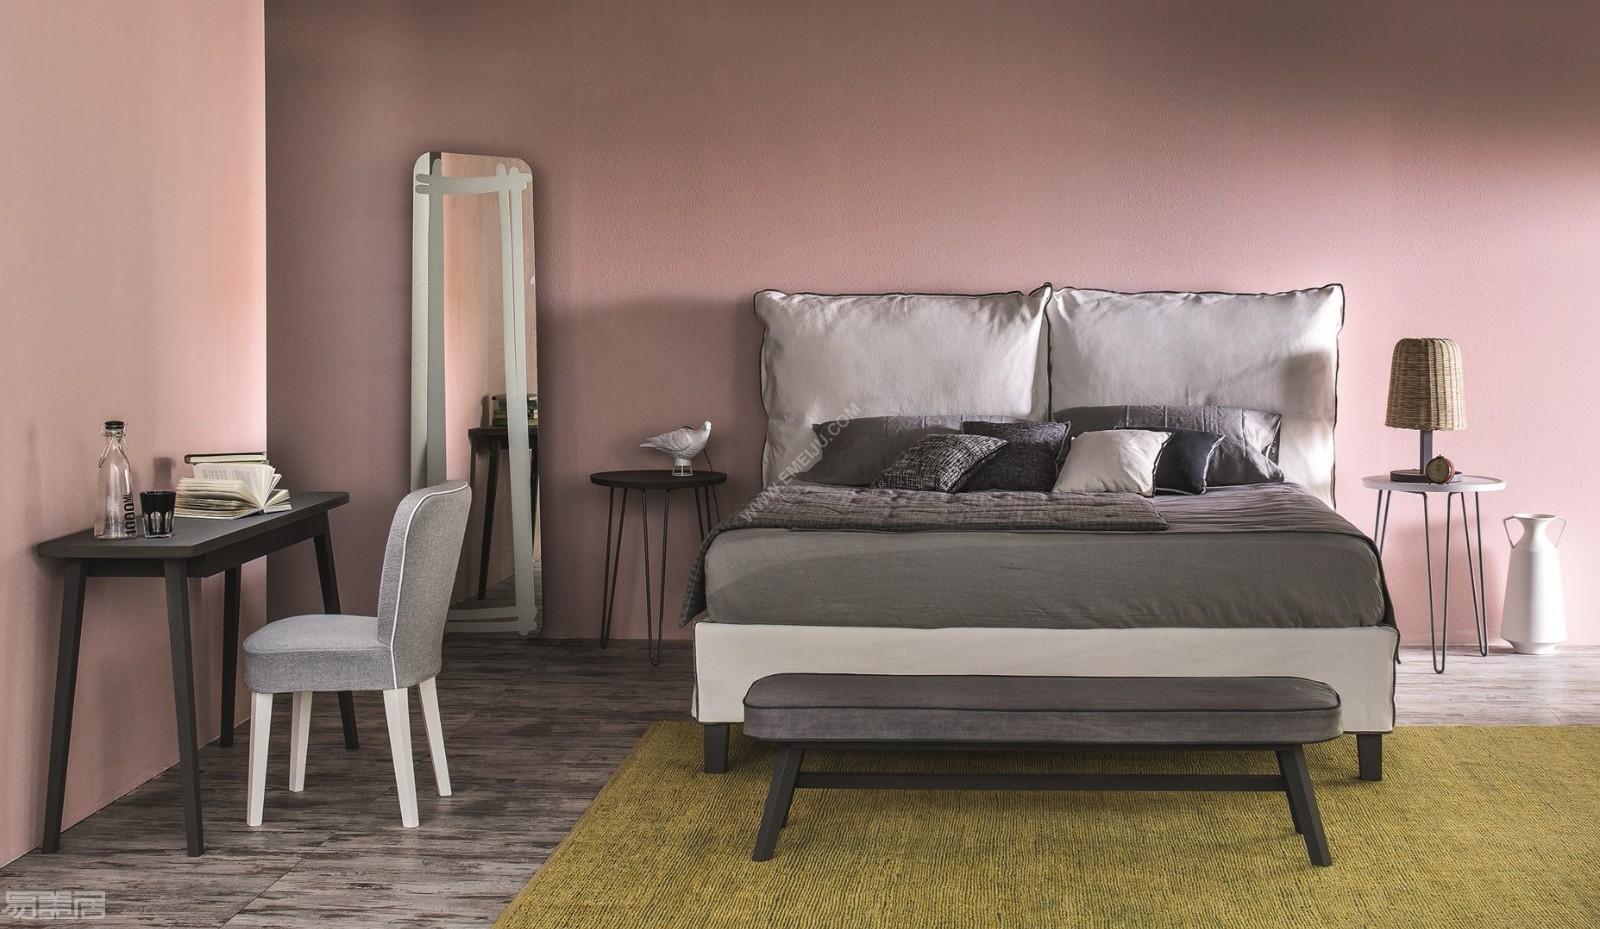 让卧室更美丽,意大利家具品牌letti&co用色彩装点卧室图片